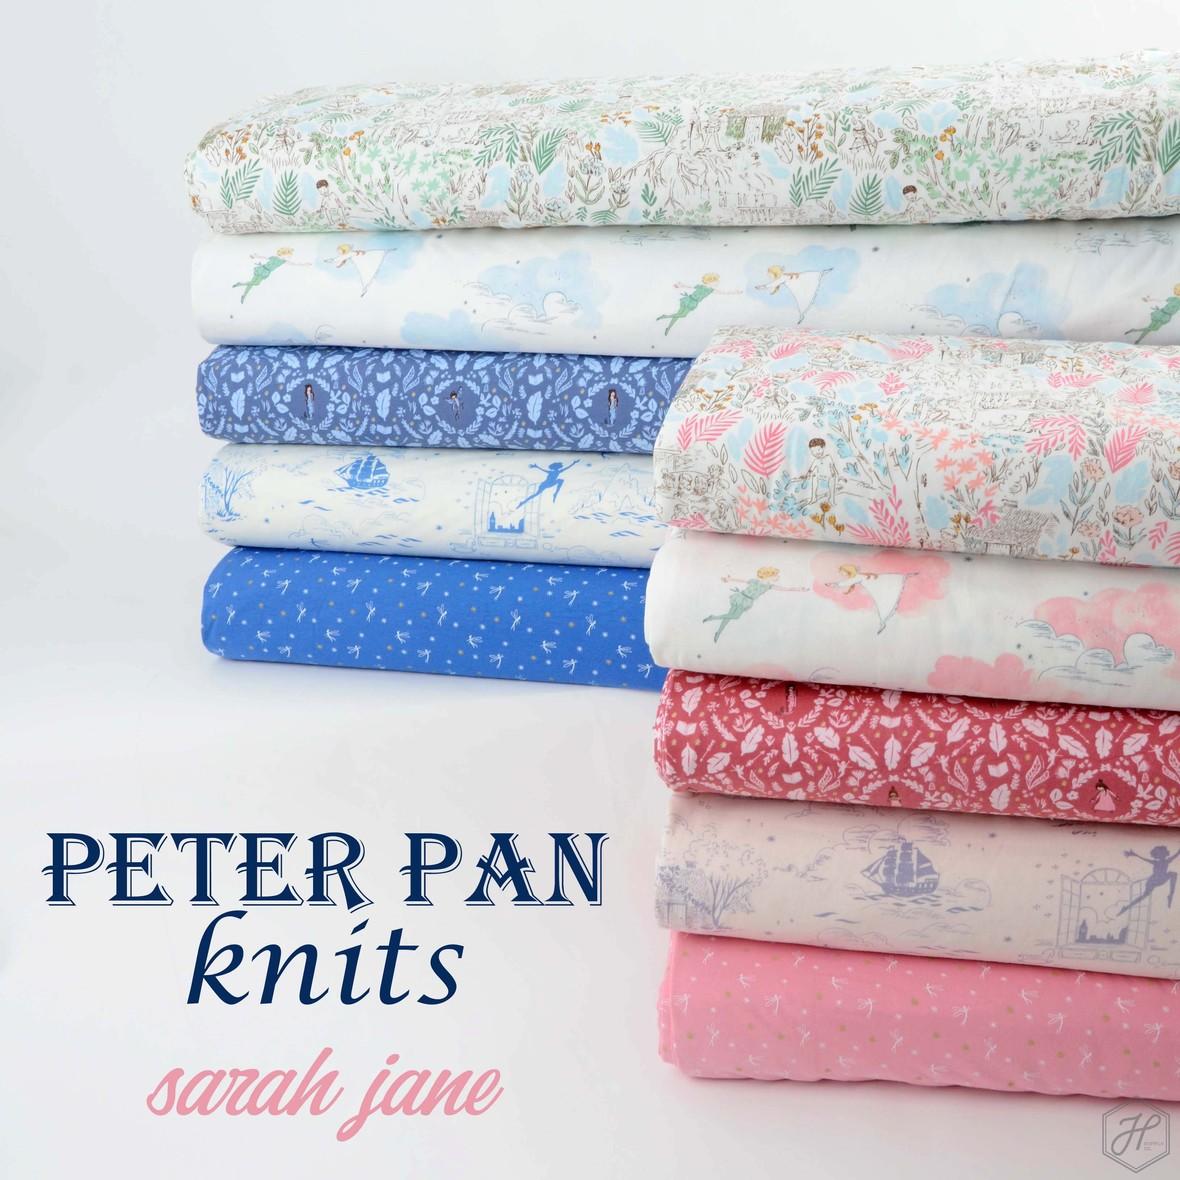 Peter Pan Knits Sarah Jane at Hawthorne Supply Co